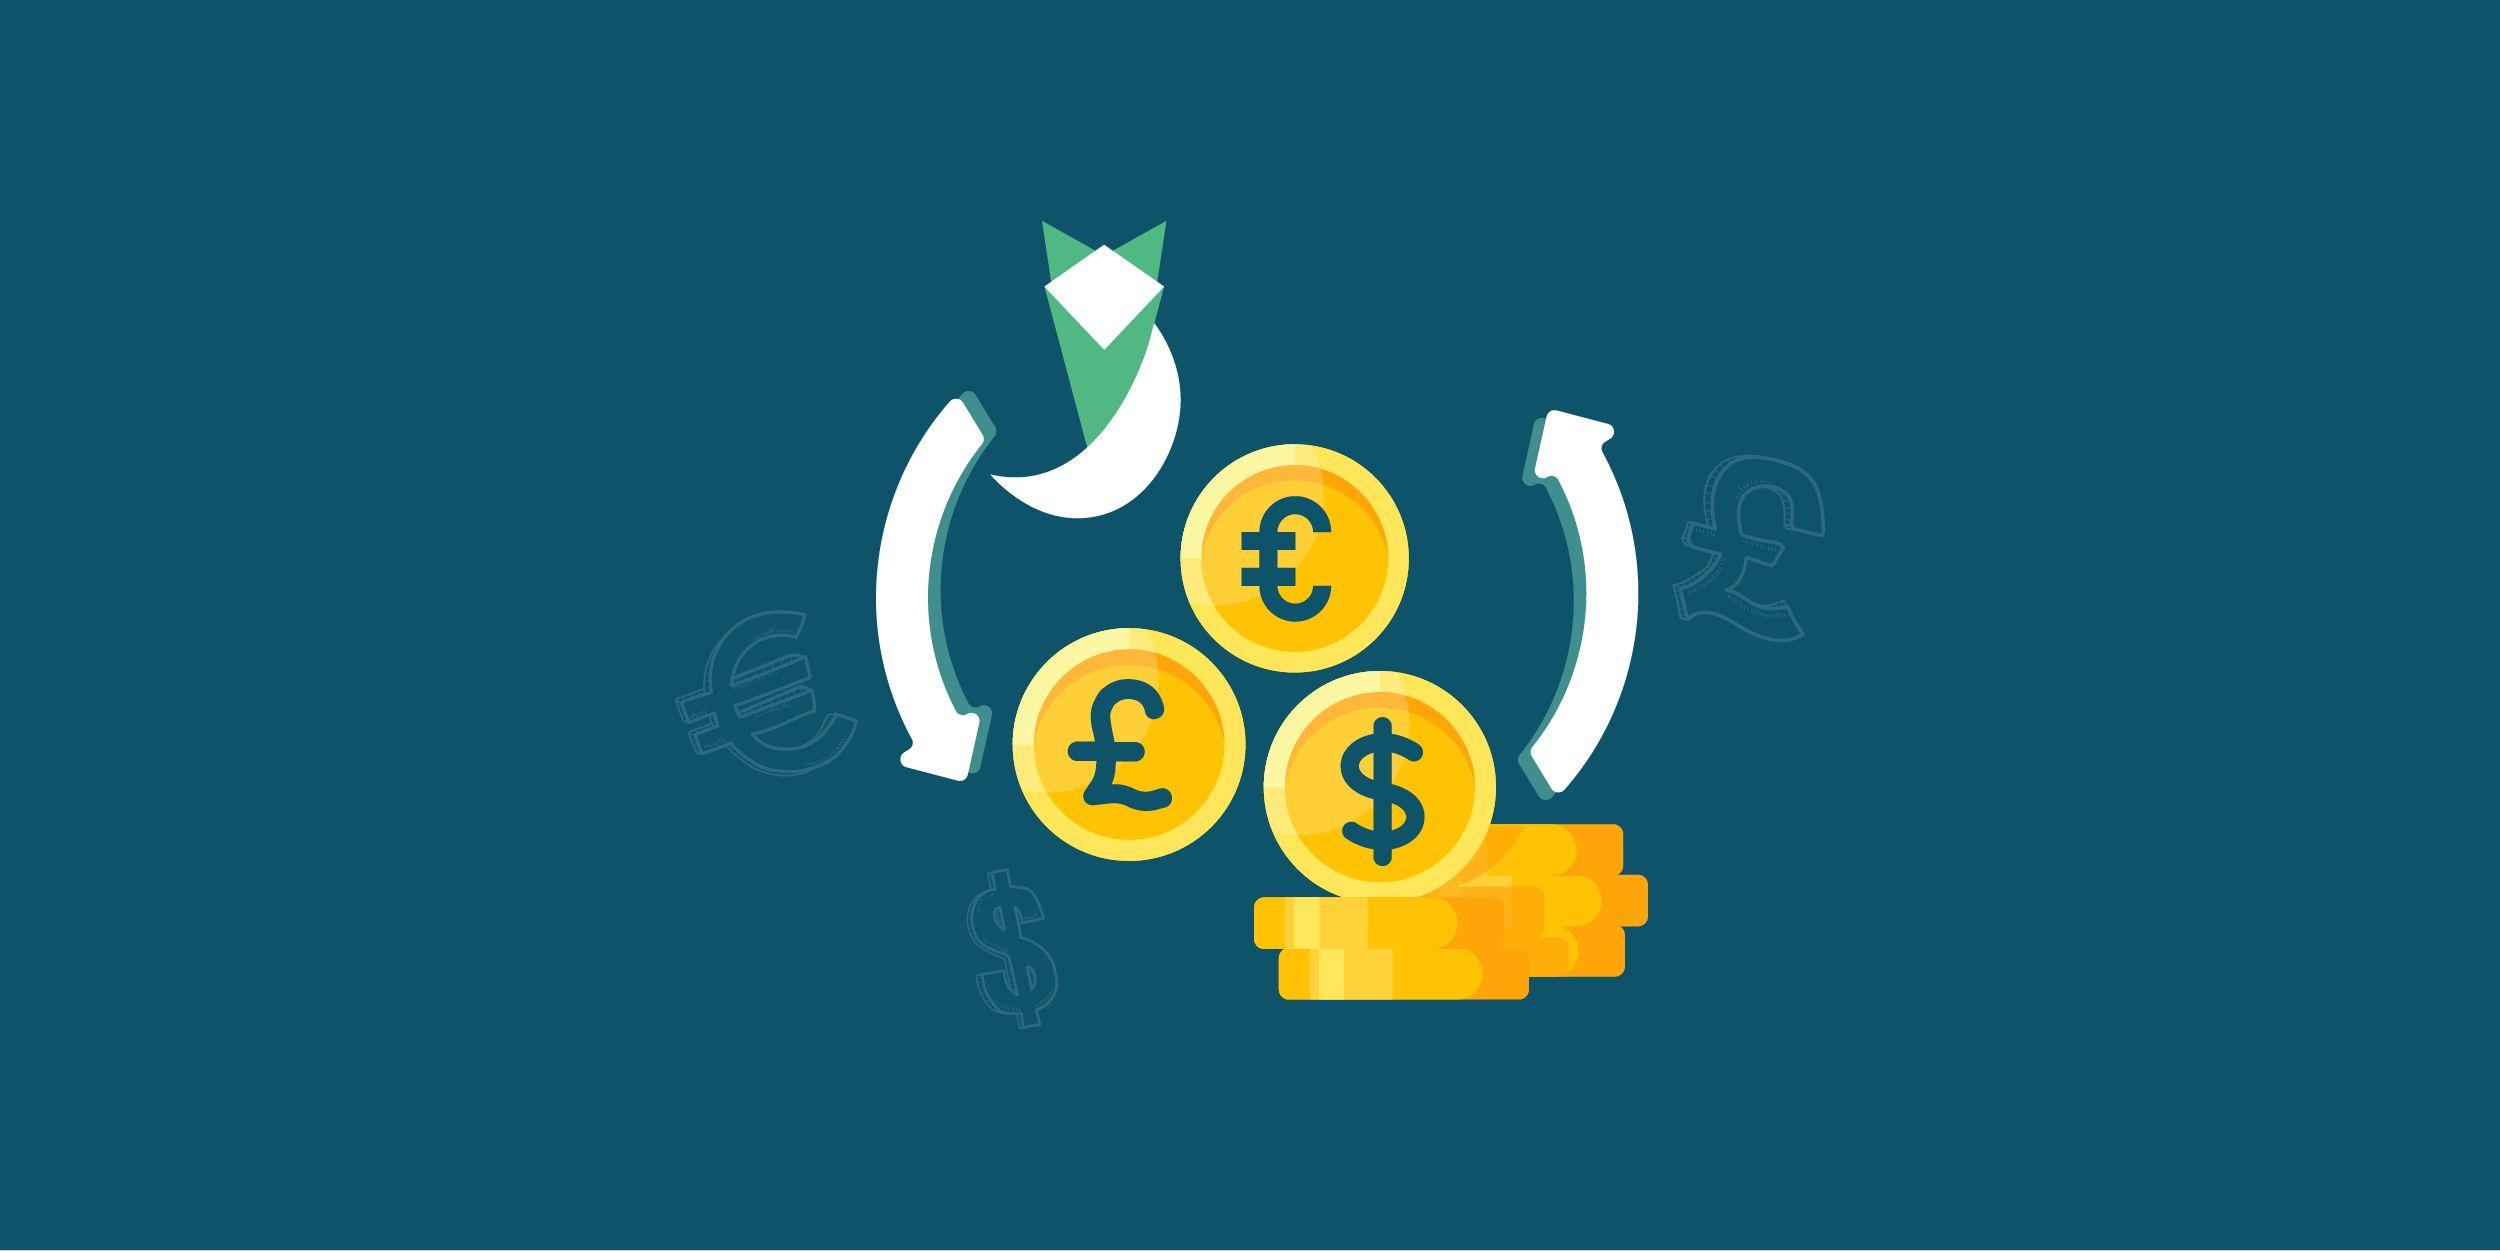 أسعار العملات الأجنبية اليوم: الاثنين 9 أغسطس 2021